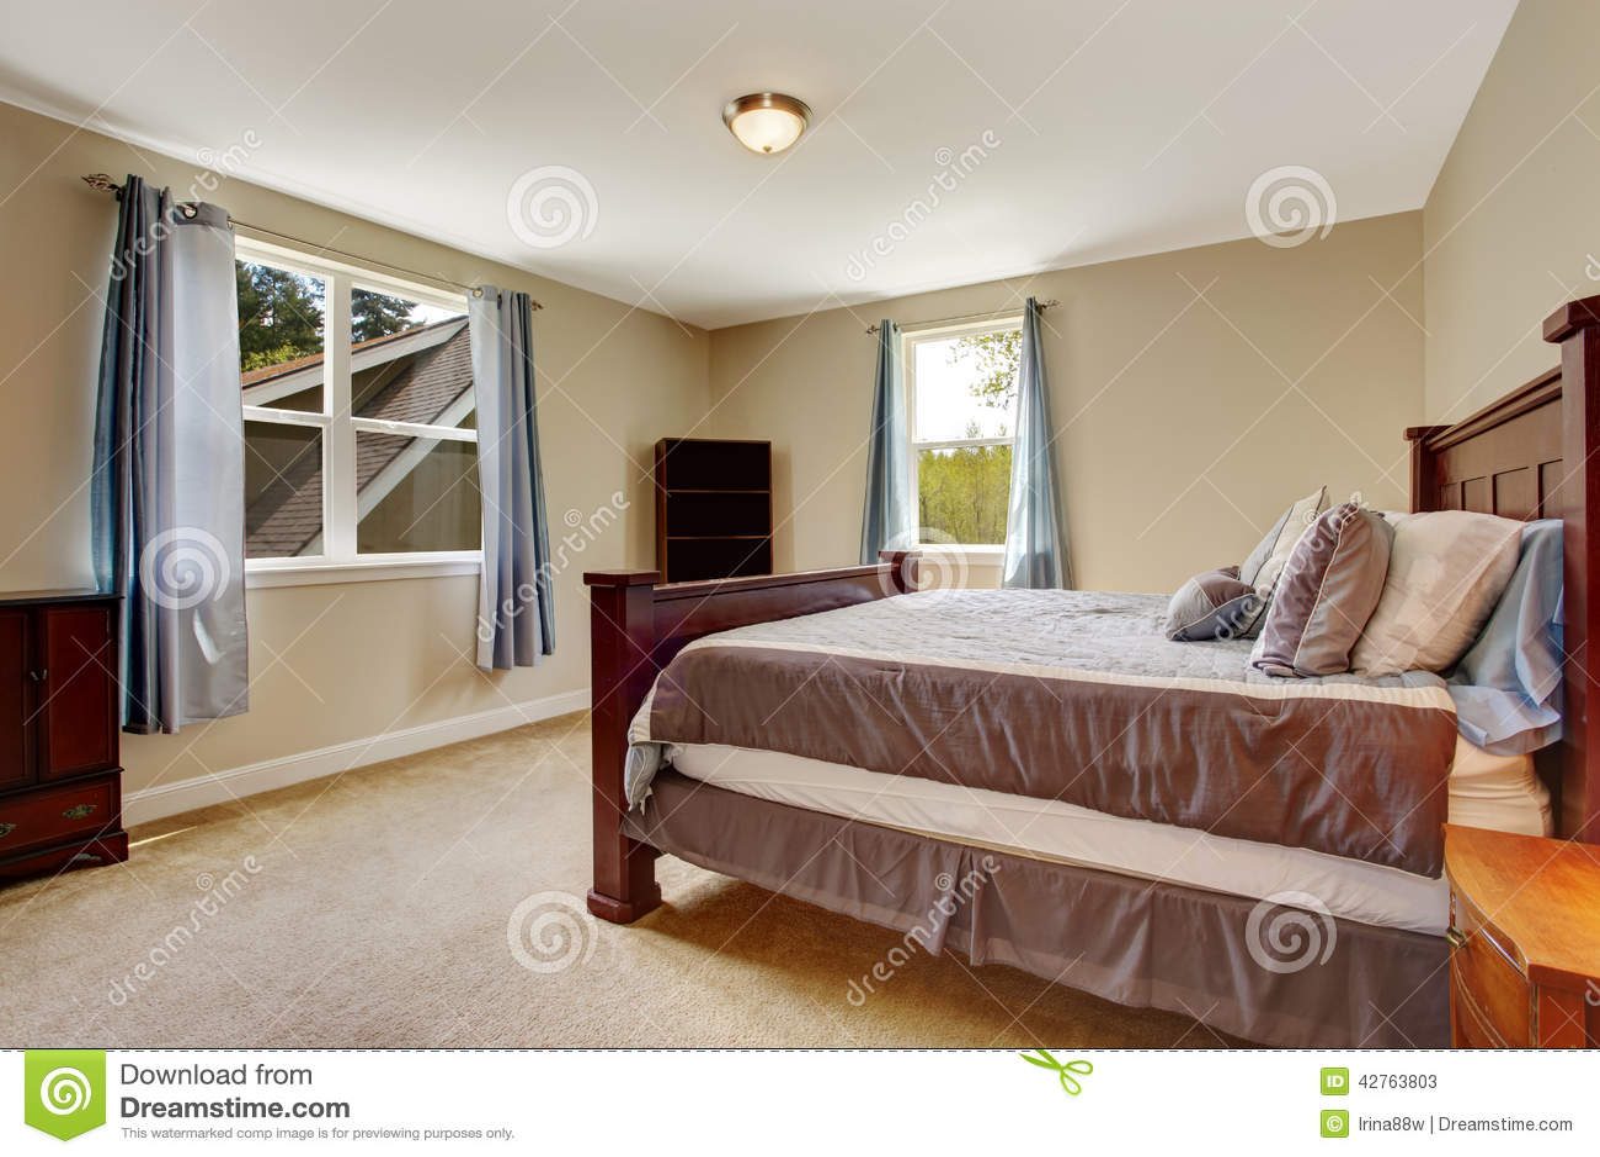 Camera da letto molle dell 39 avorio con il grande pezzo di terra coltivato a borgogna immagine - Camera da letto grande ...